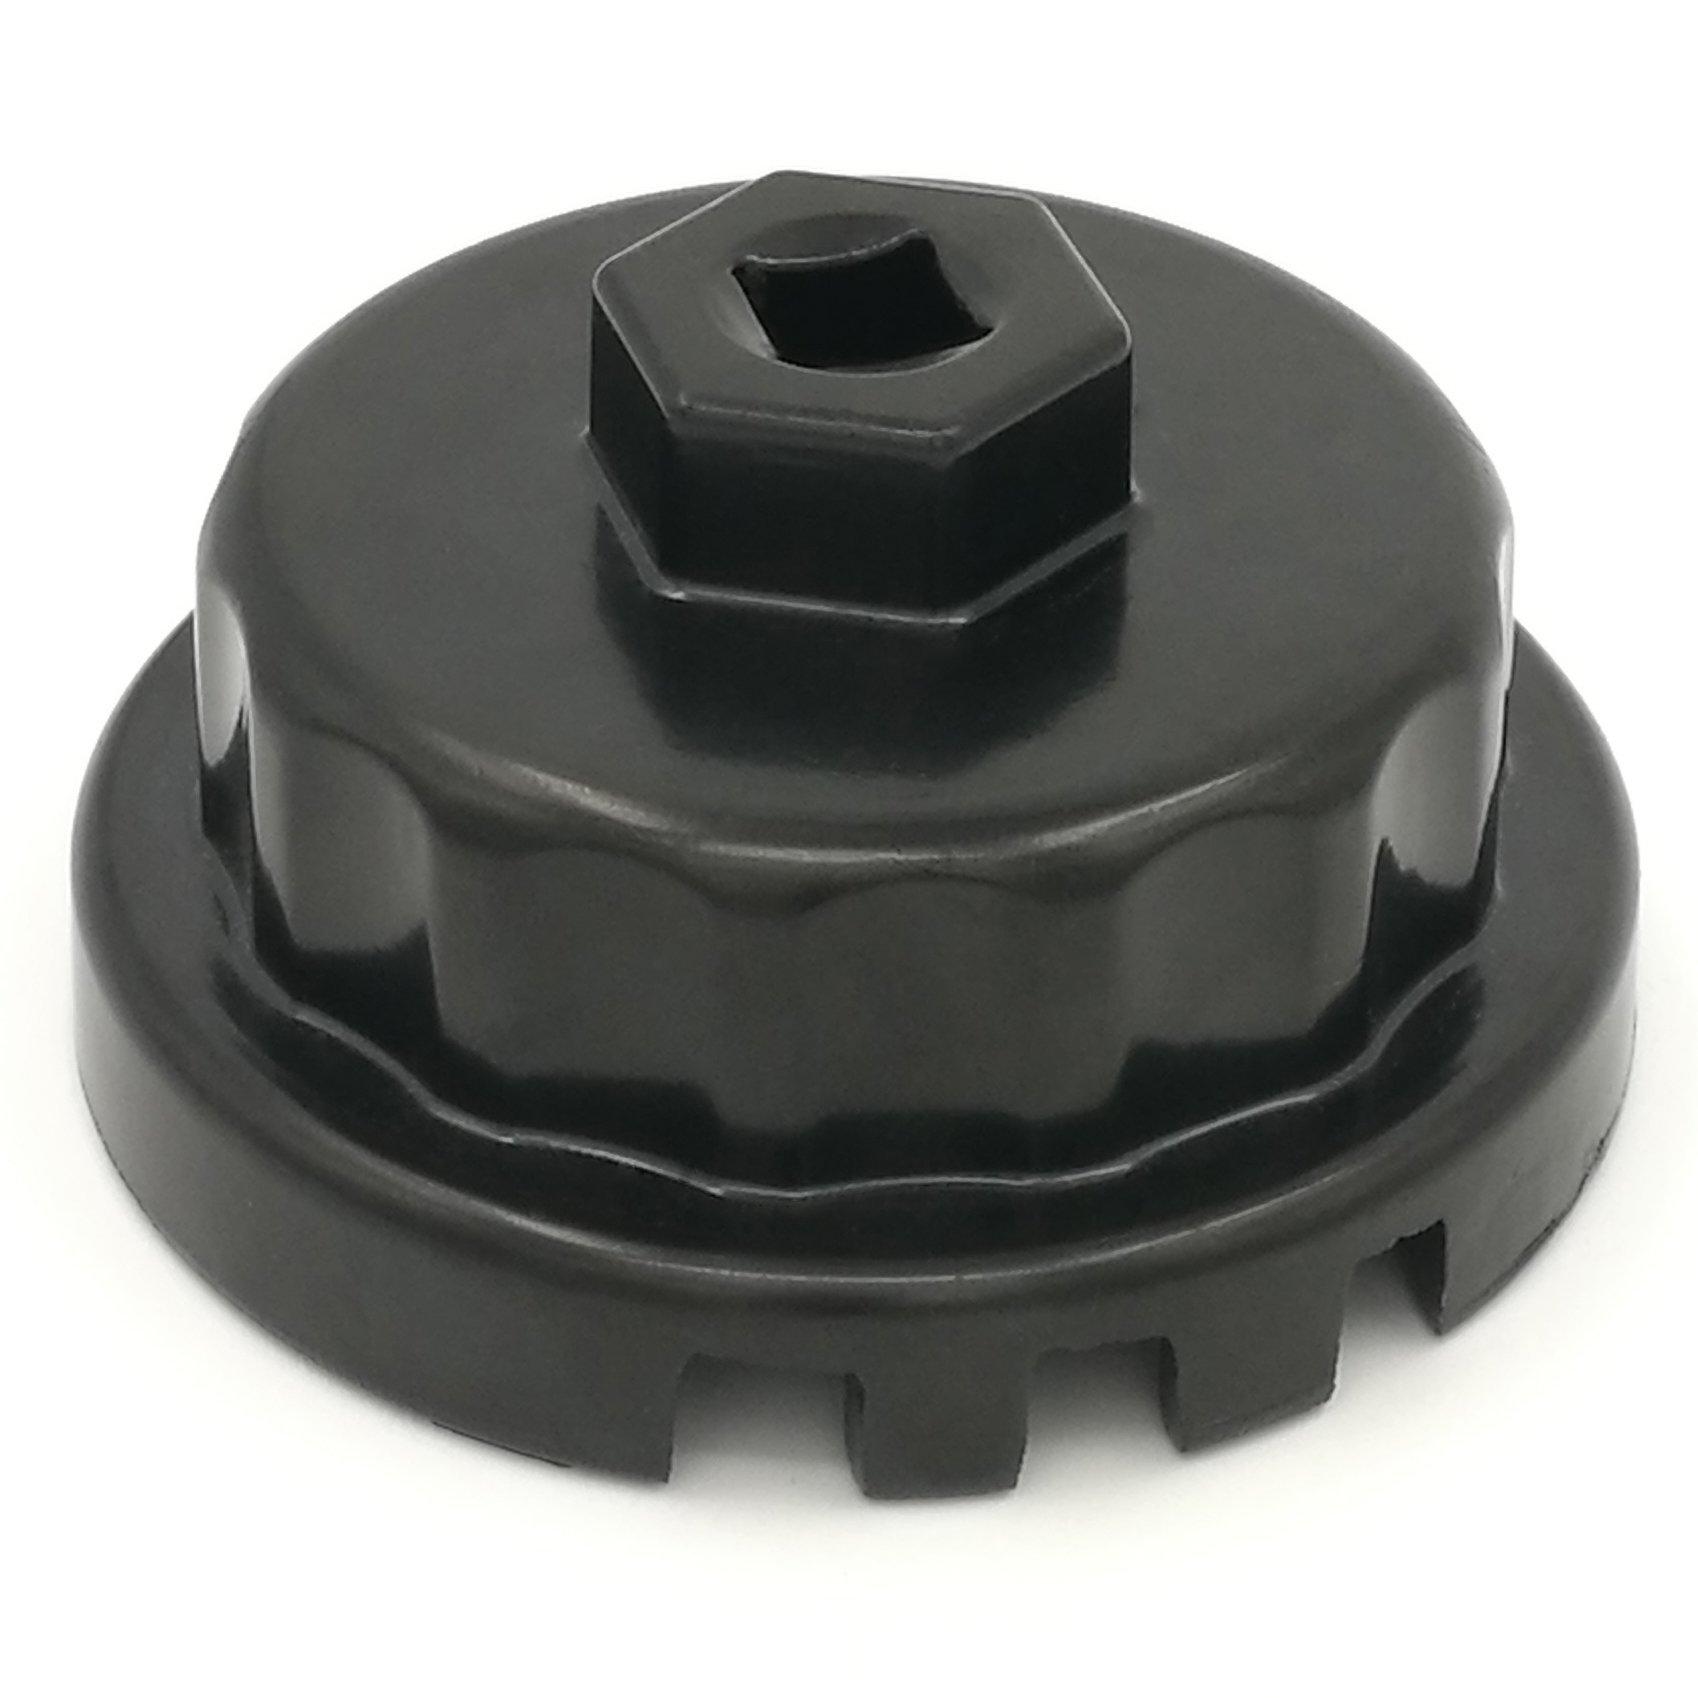 64mm Oil Filter Cap Wrench For Toyota Camry Corolla Highlander RAV4 Lexus NEW